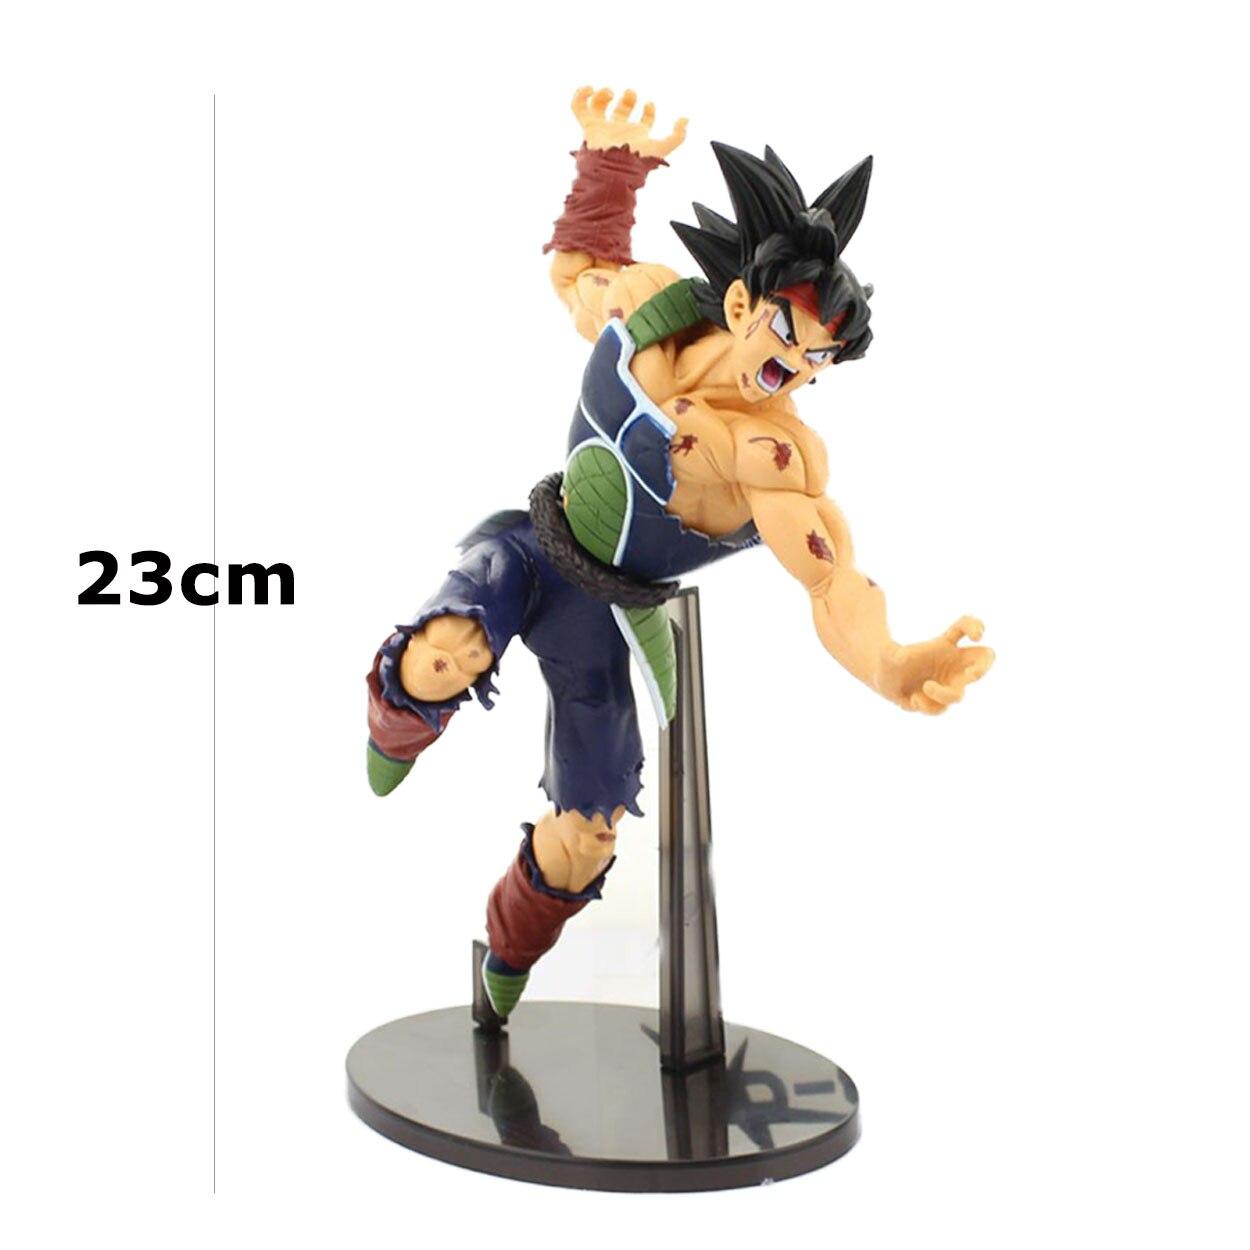 Chanycore 23 CM de Dragon Ball Z maestro estrellas pieza MSP N ° 19 Super Saiyan Goku caja de acción de PVC figura muñeca modelo